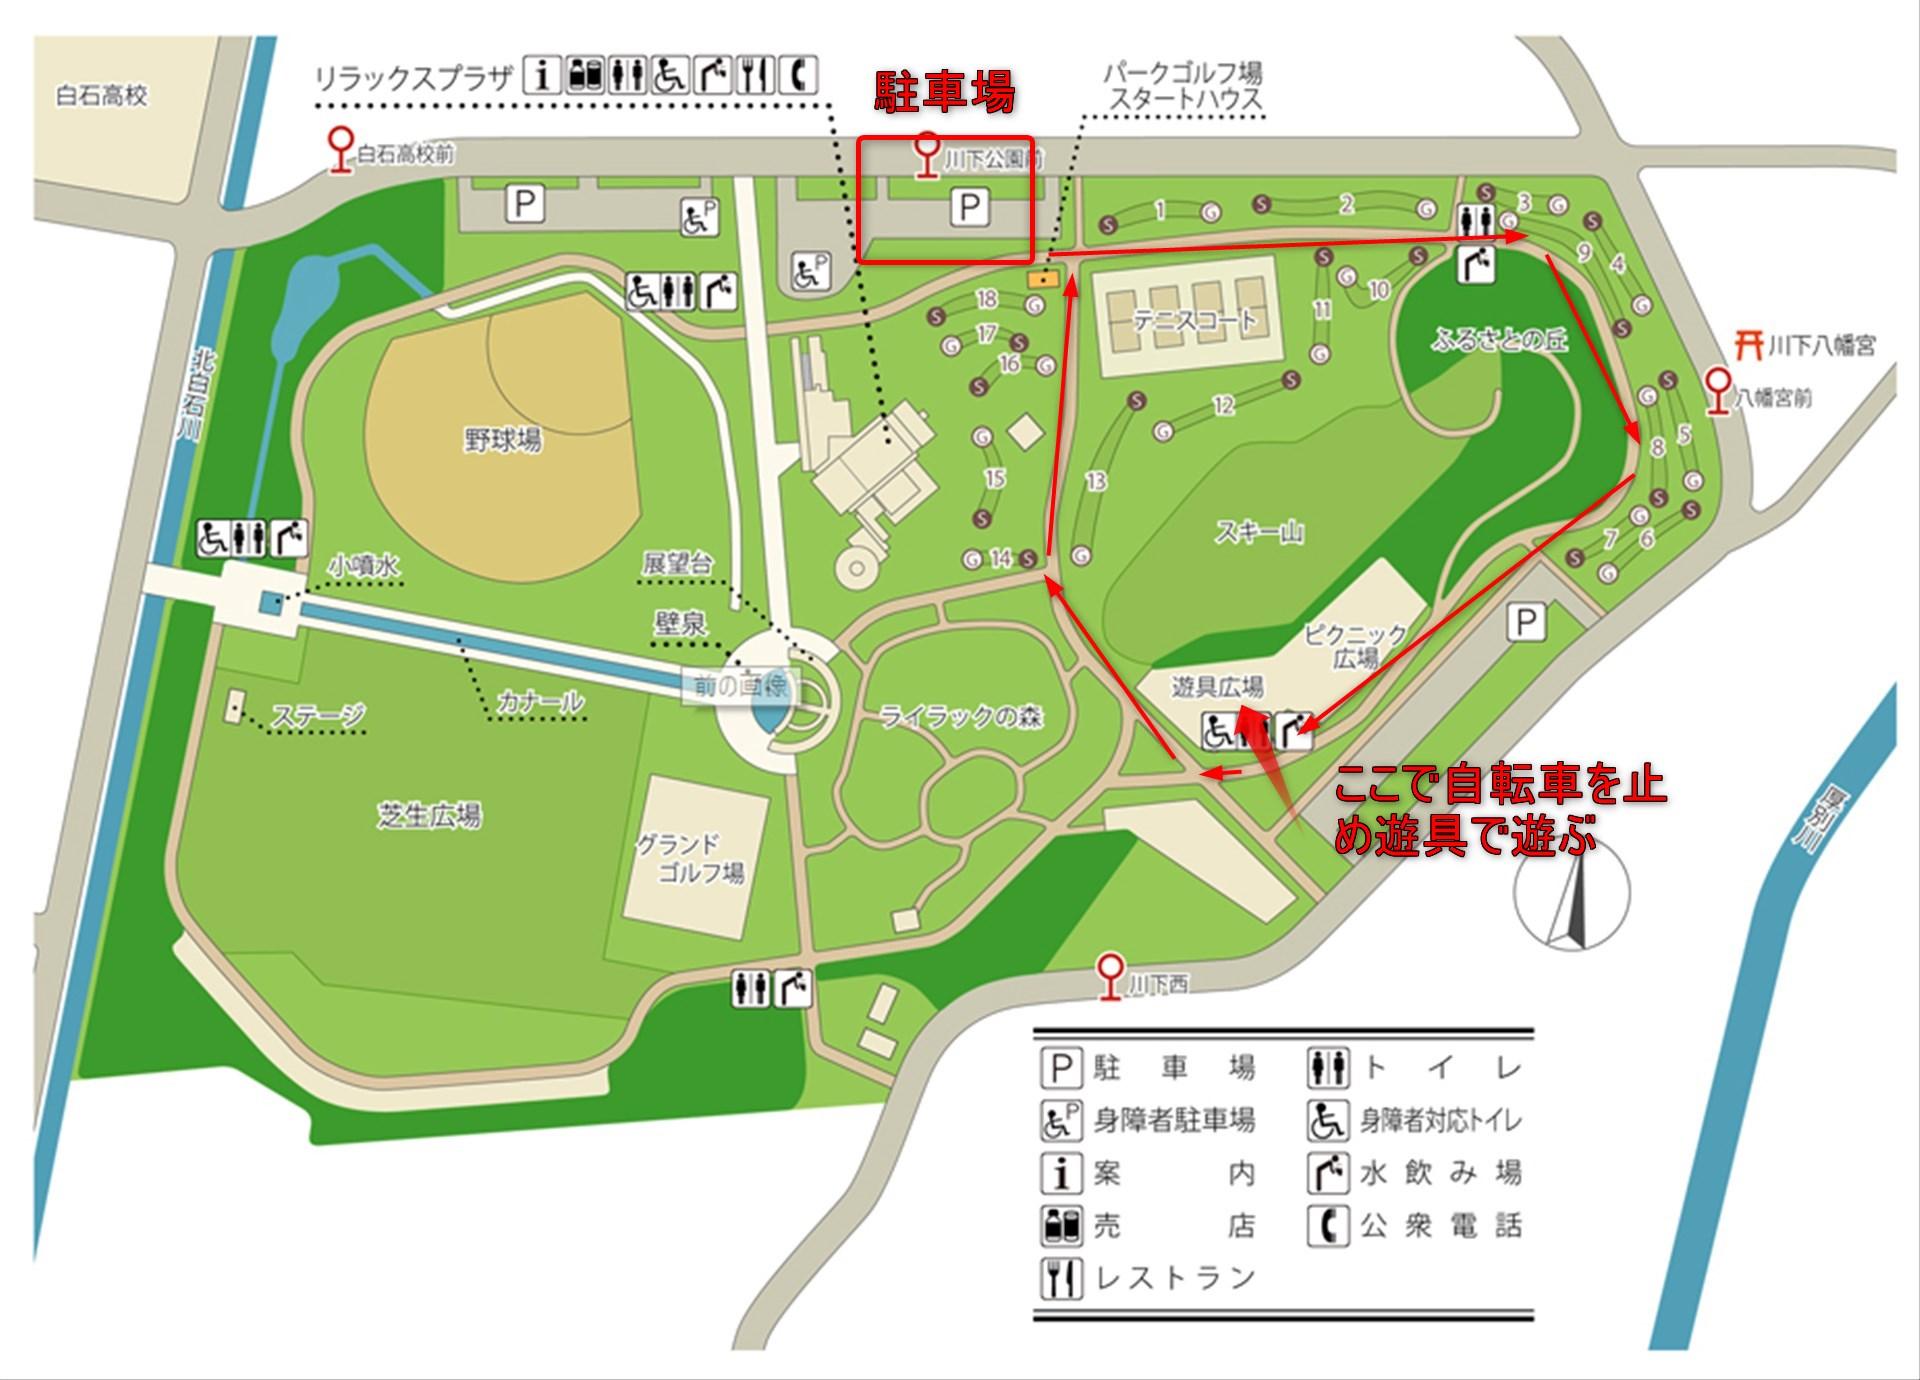 川下公園の地図。おすすめの自転車練習コース